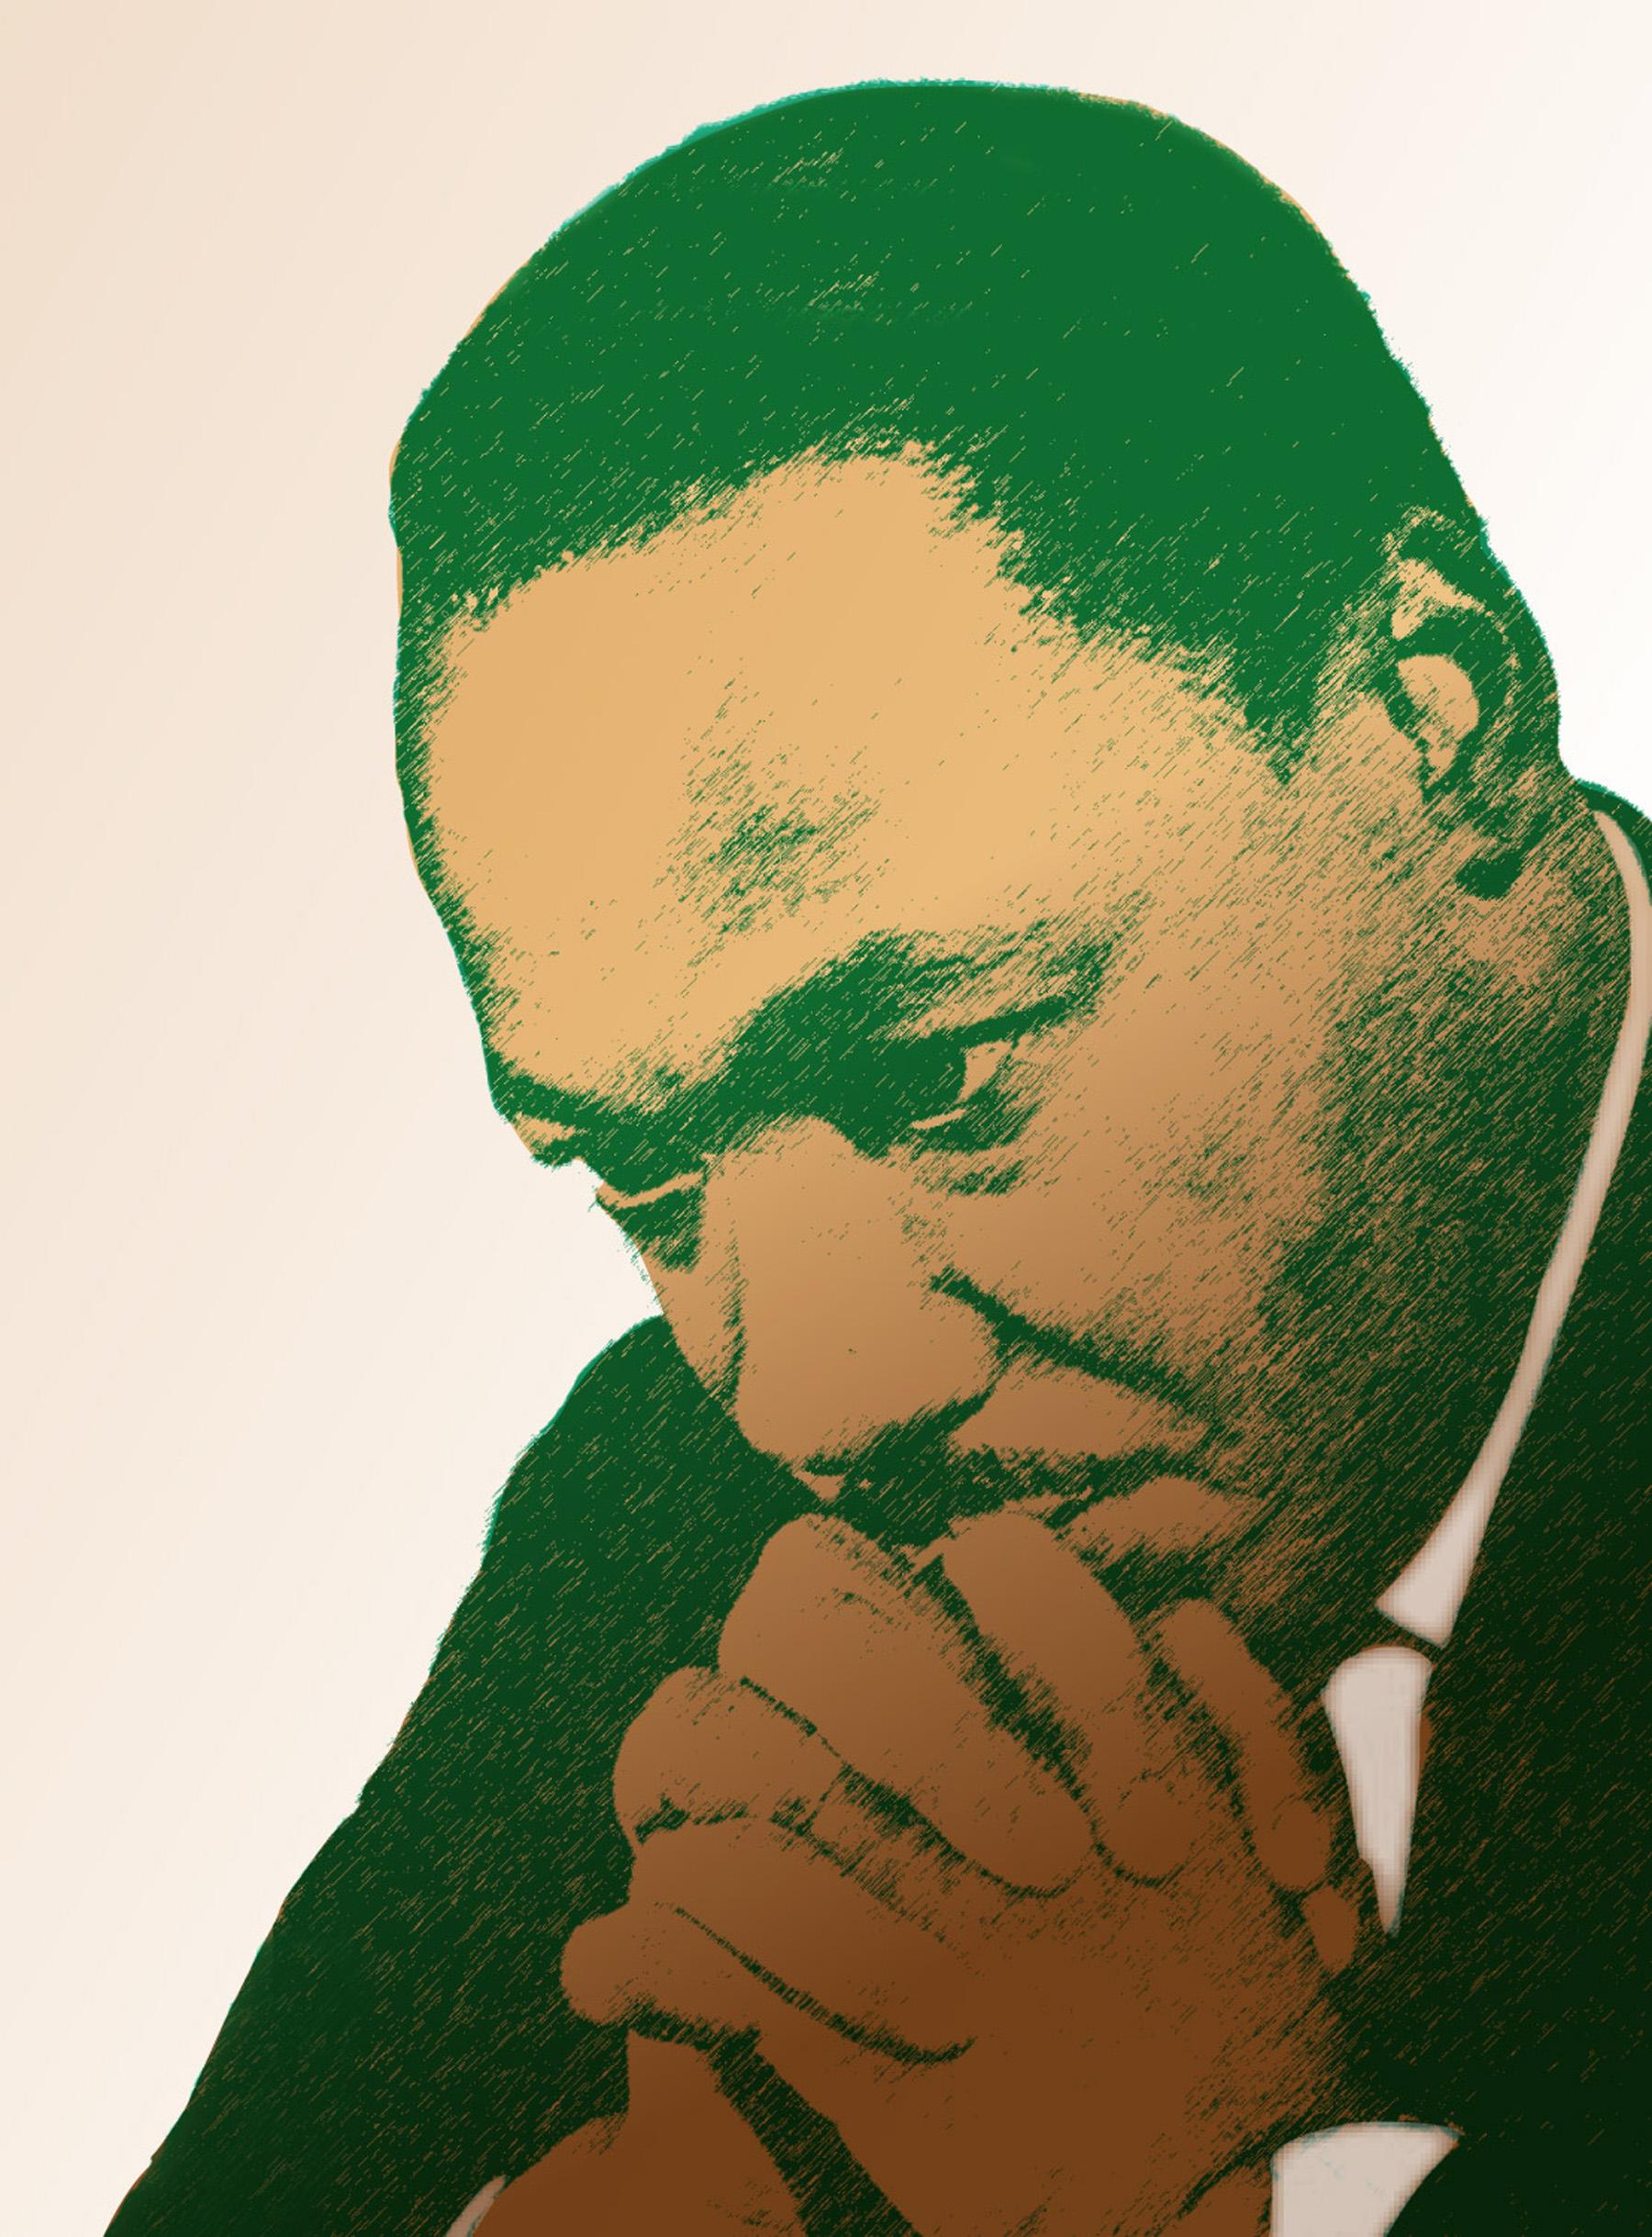 Dr. Martin Luther King praying.